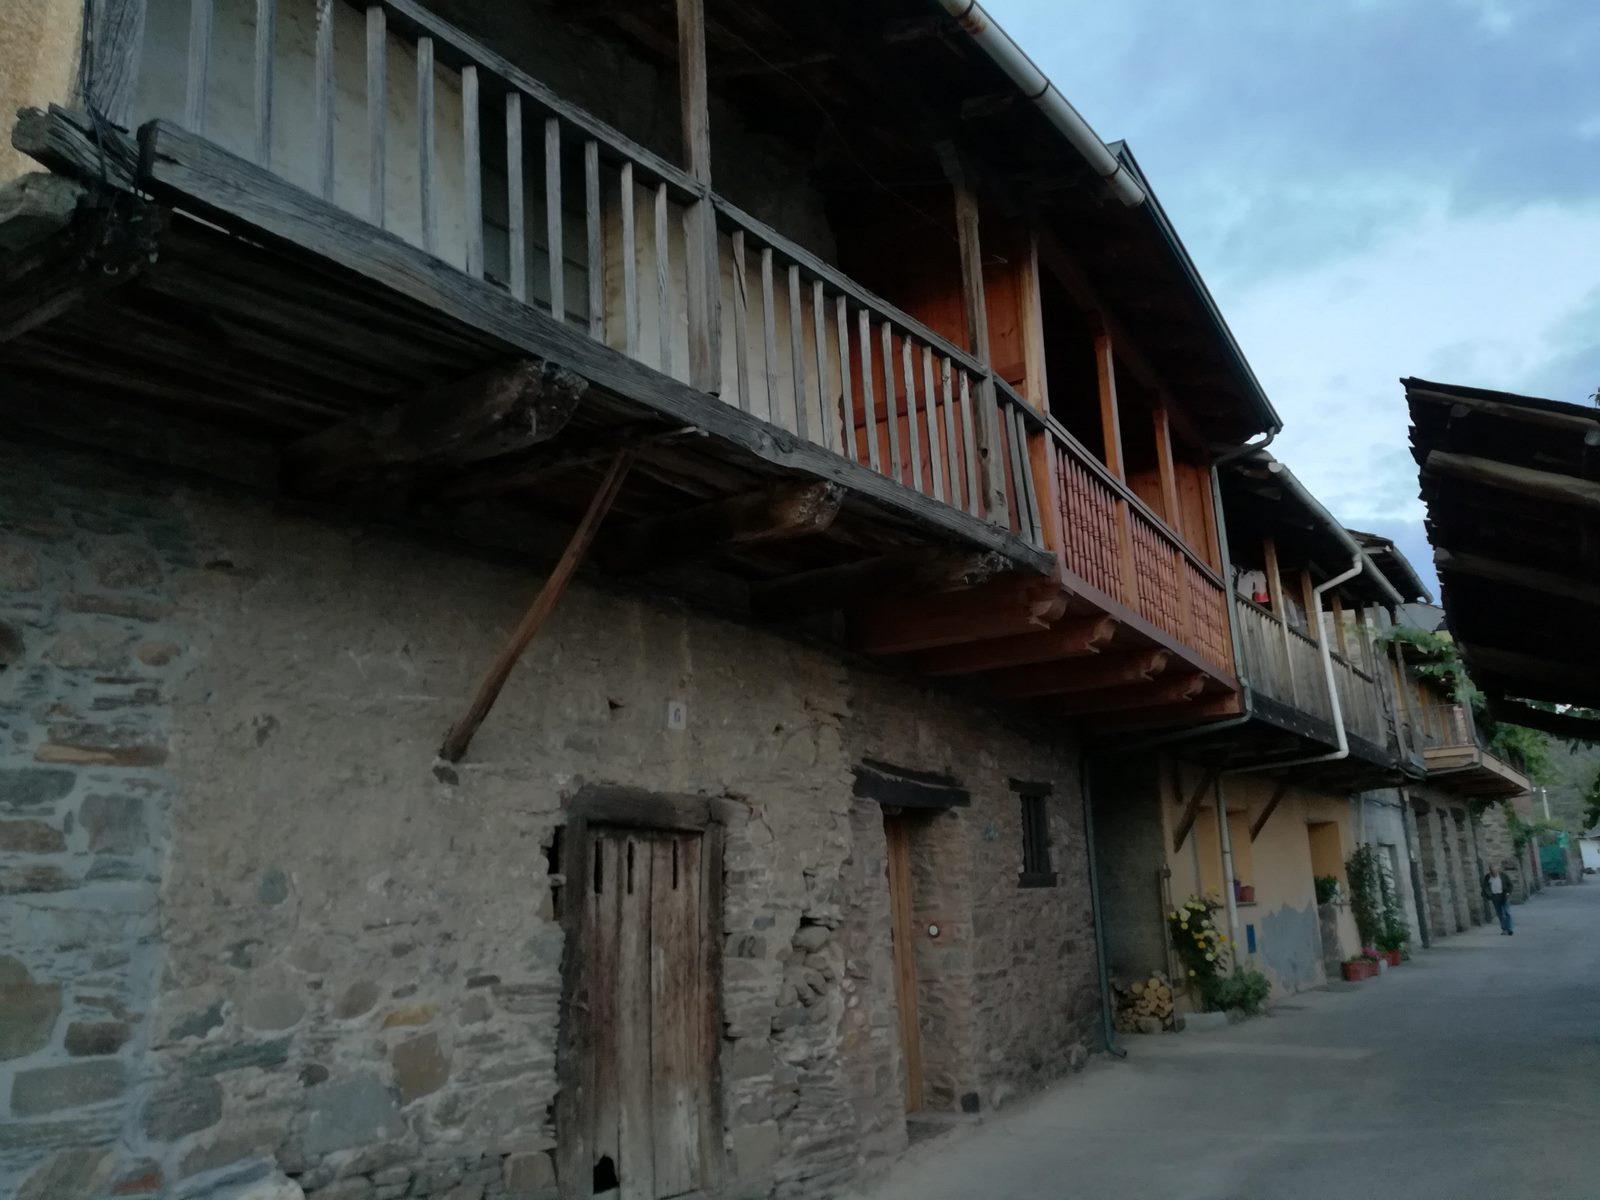 Alquiler vacaciones en Toral de Merayo, León